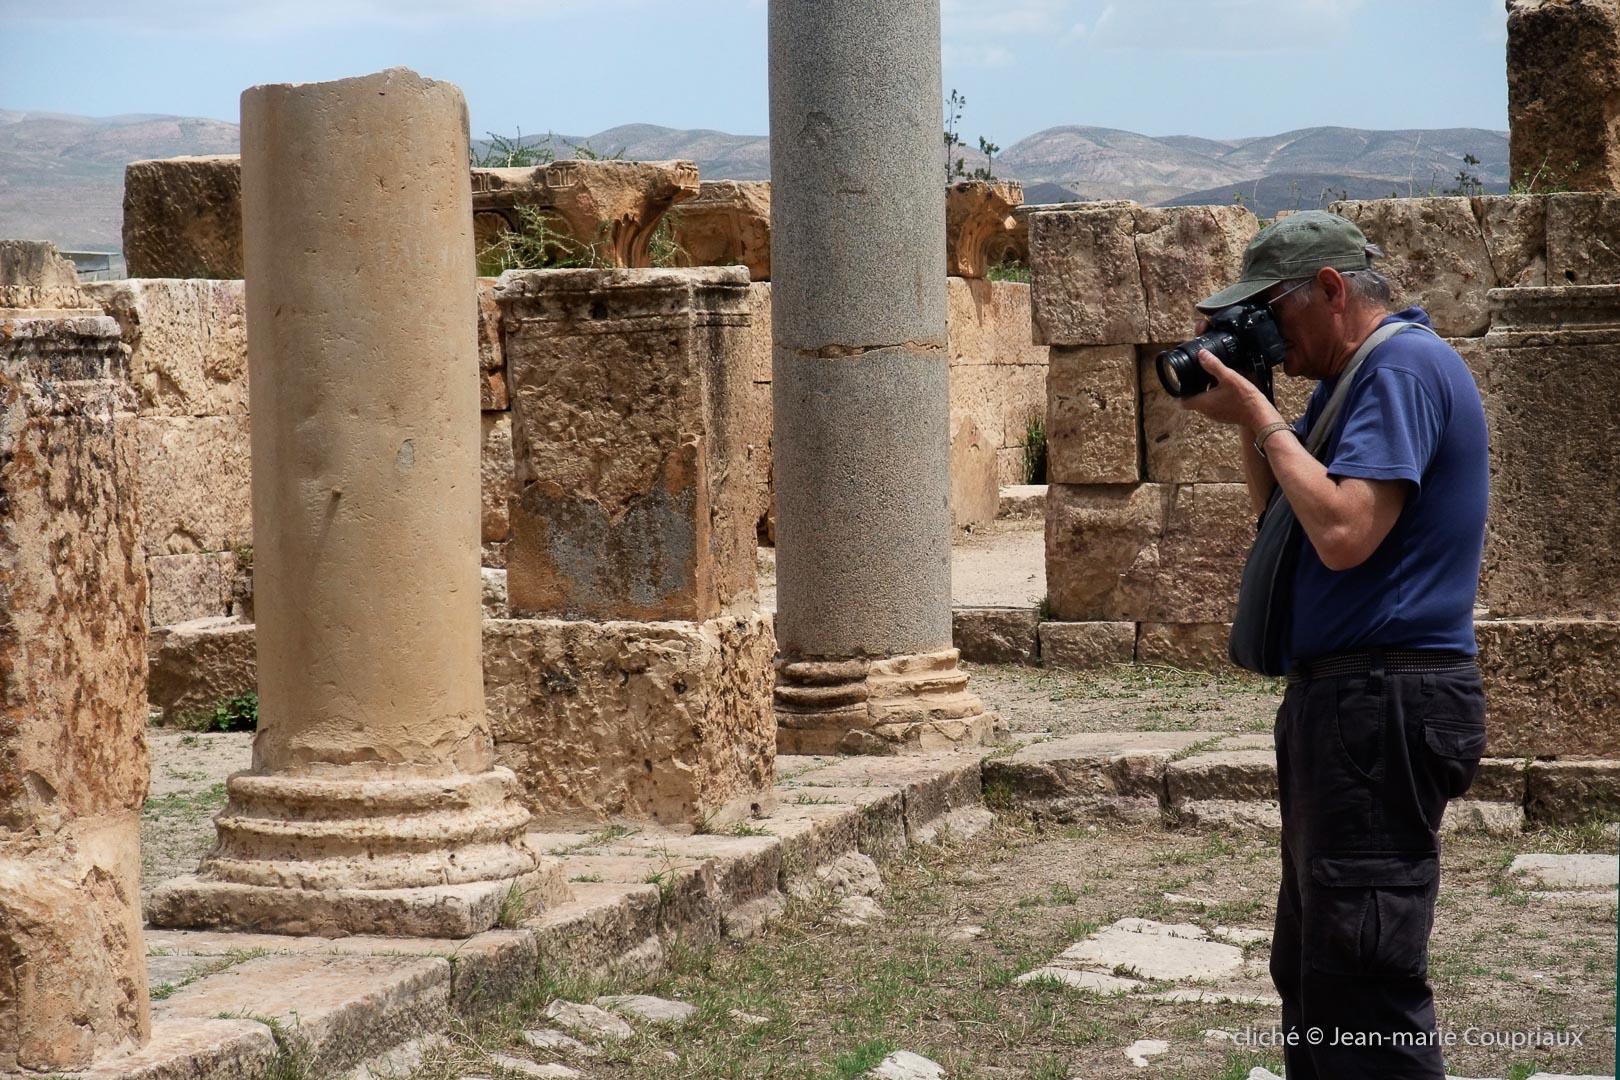 802-2011_Algerie-395